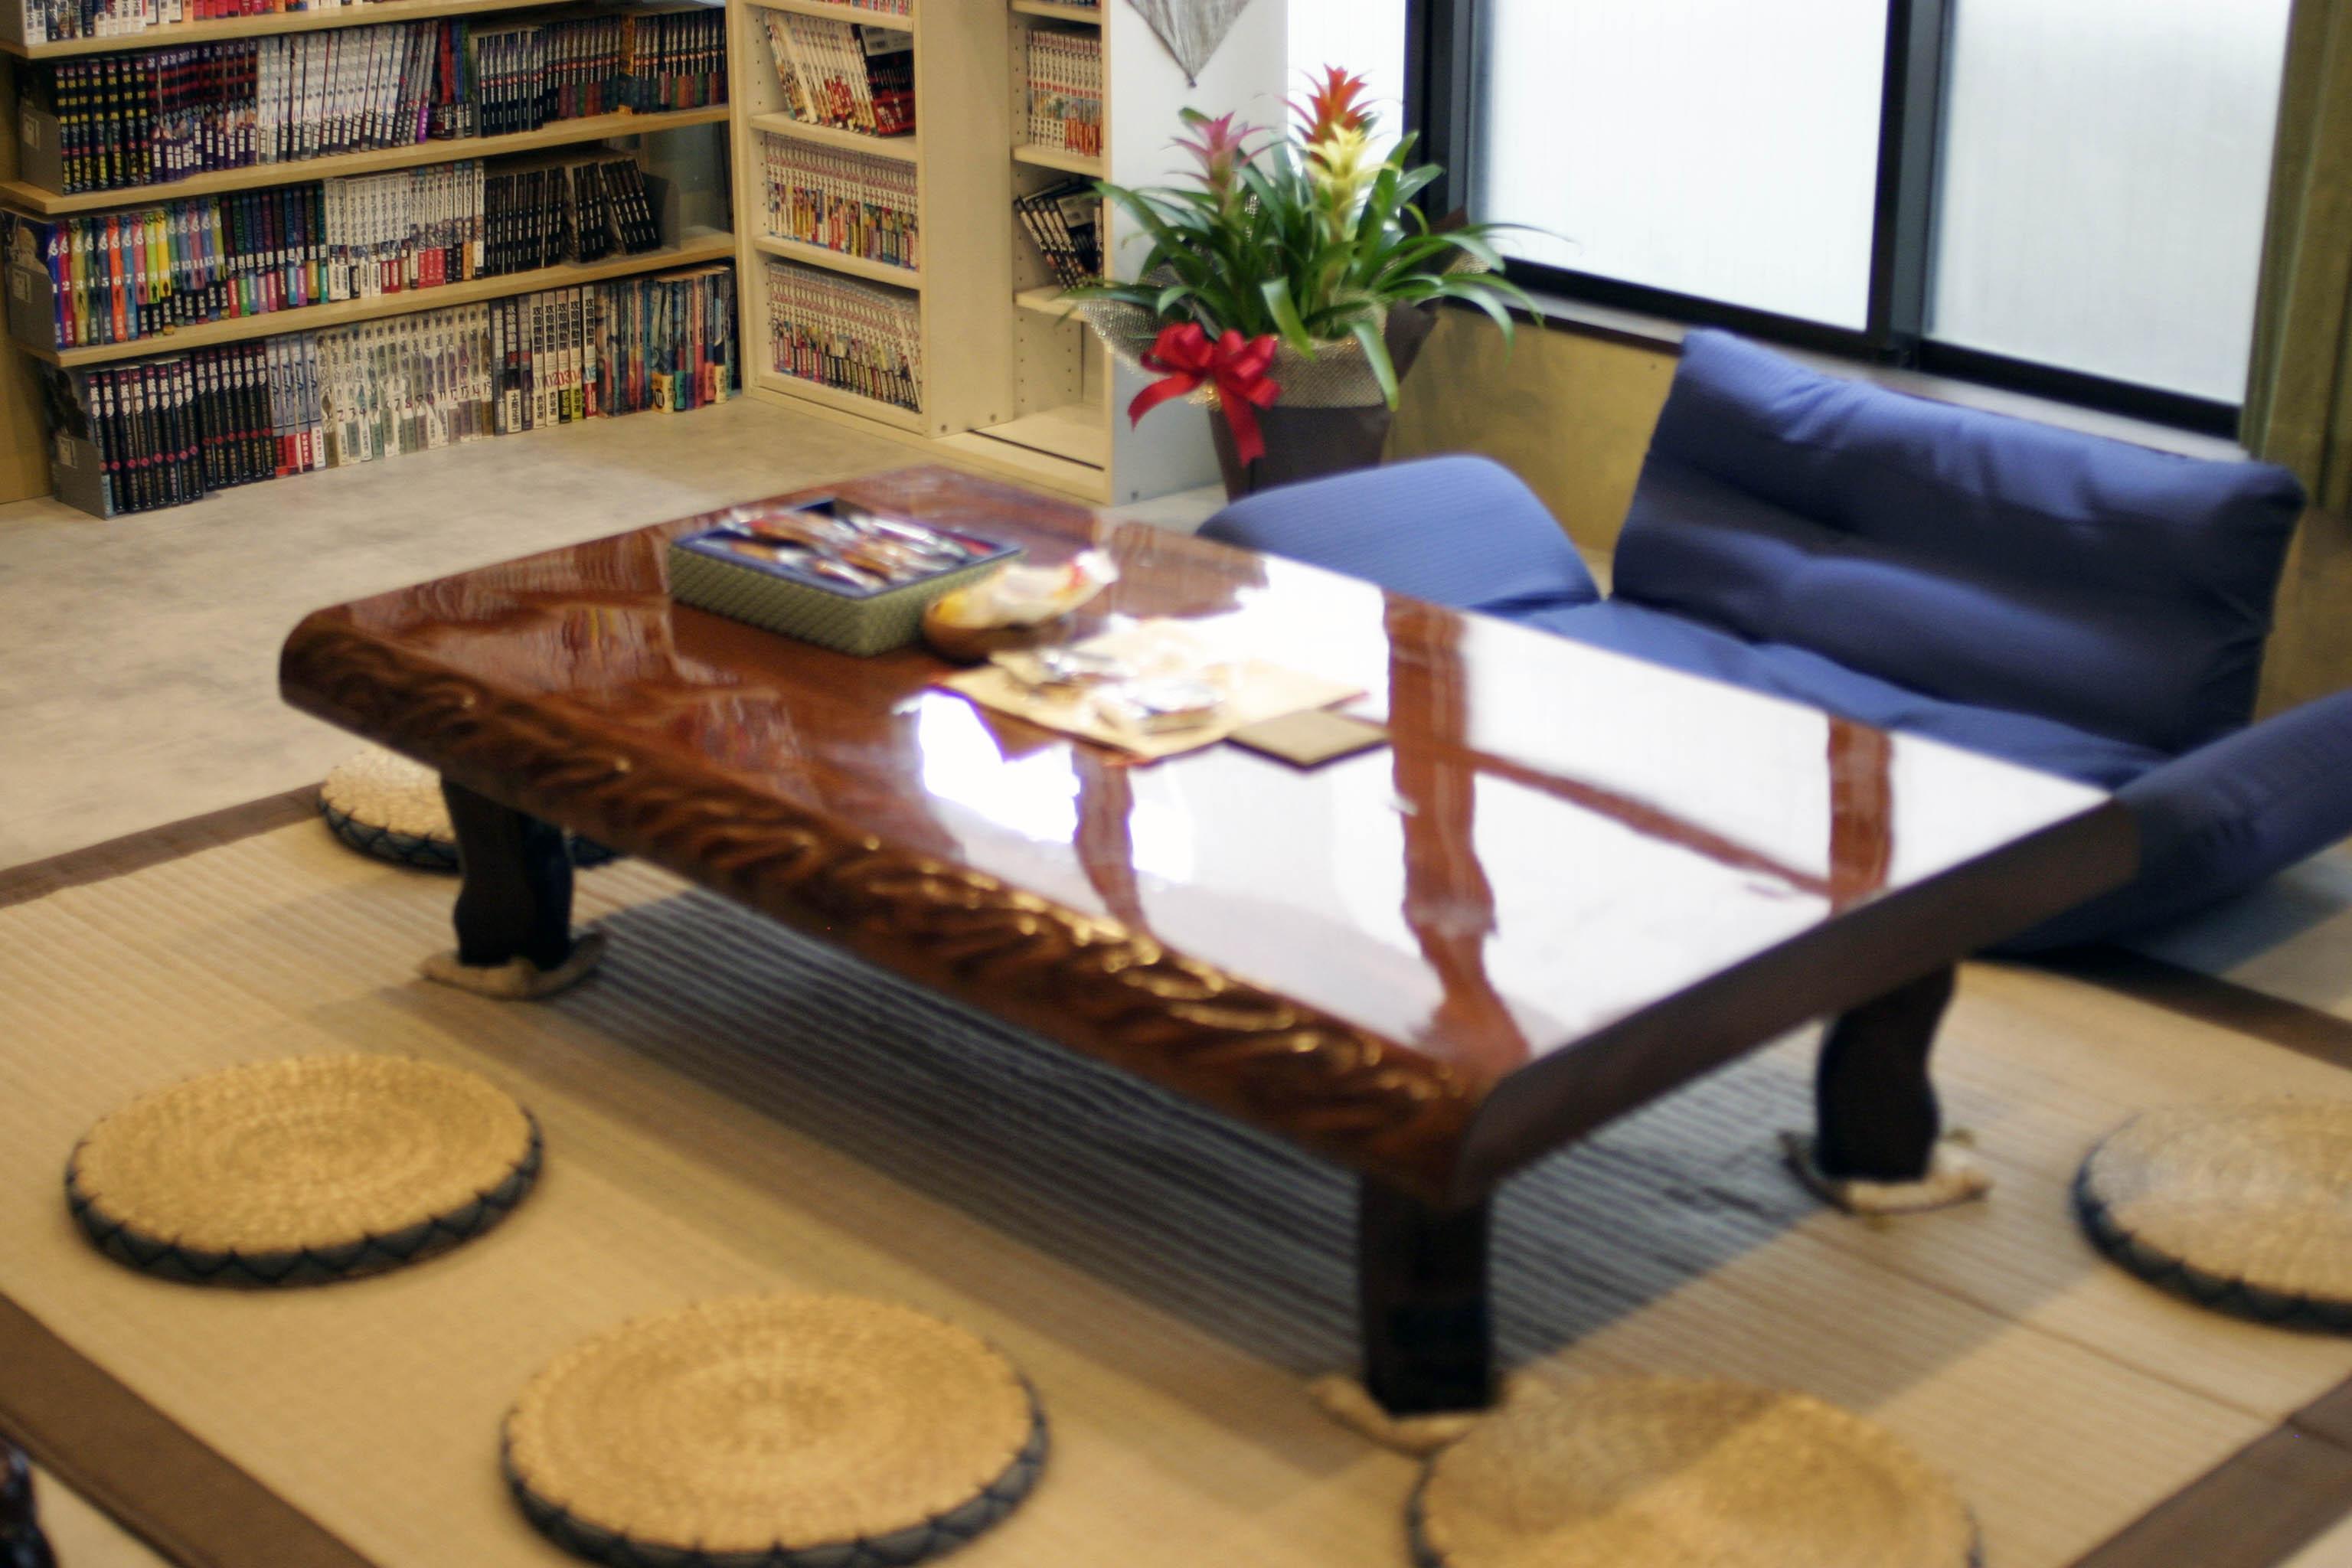 |東京|ゲストハウス|清潔、静かなゲストハウスで一緒におもてなしできる男性の仲間募集